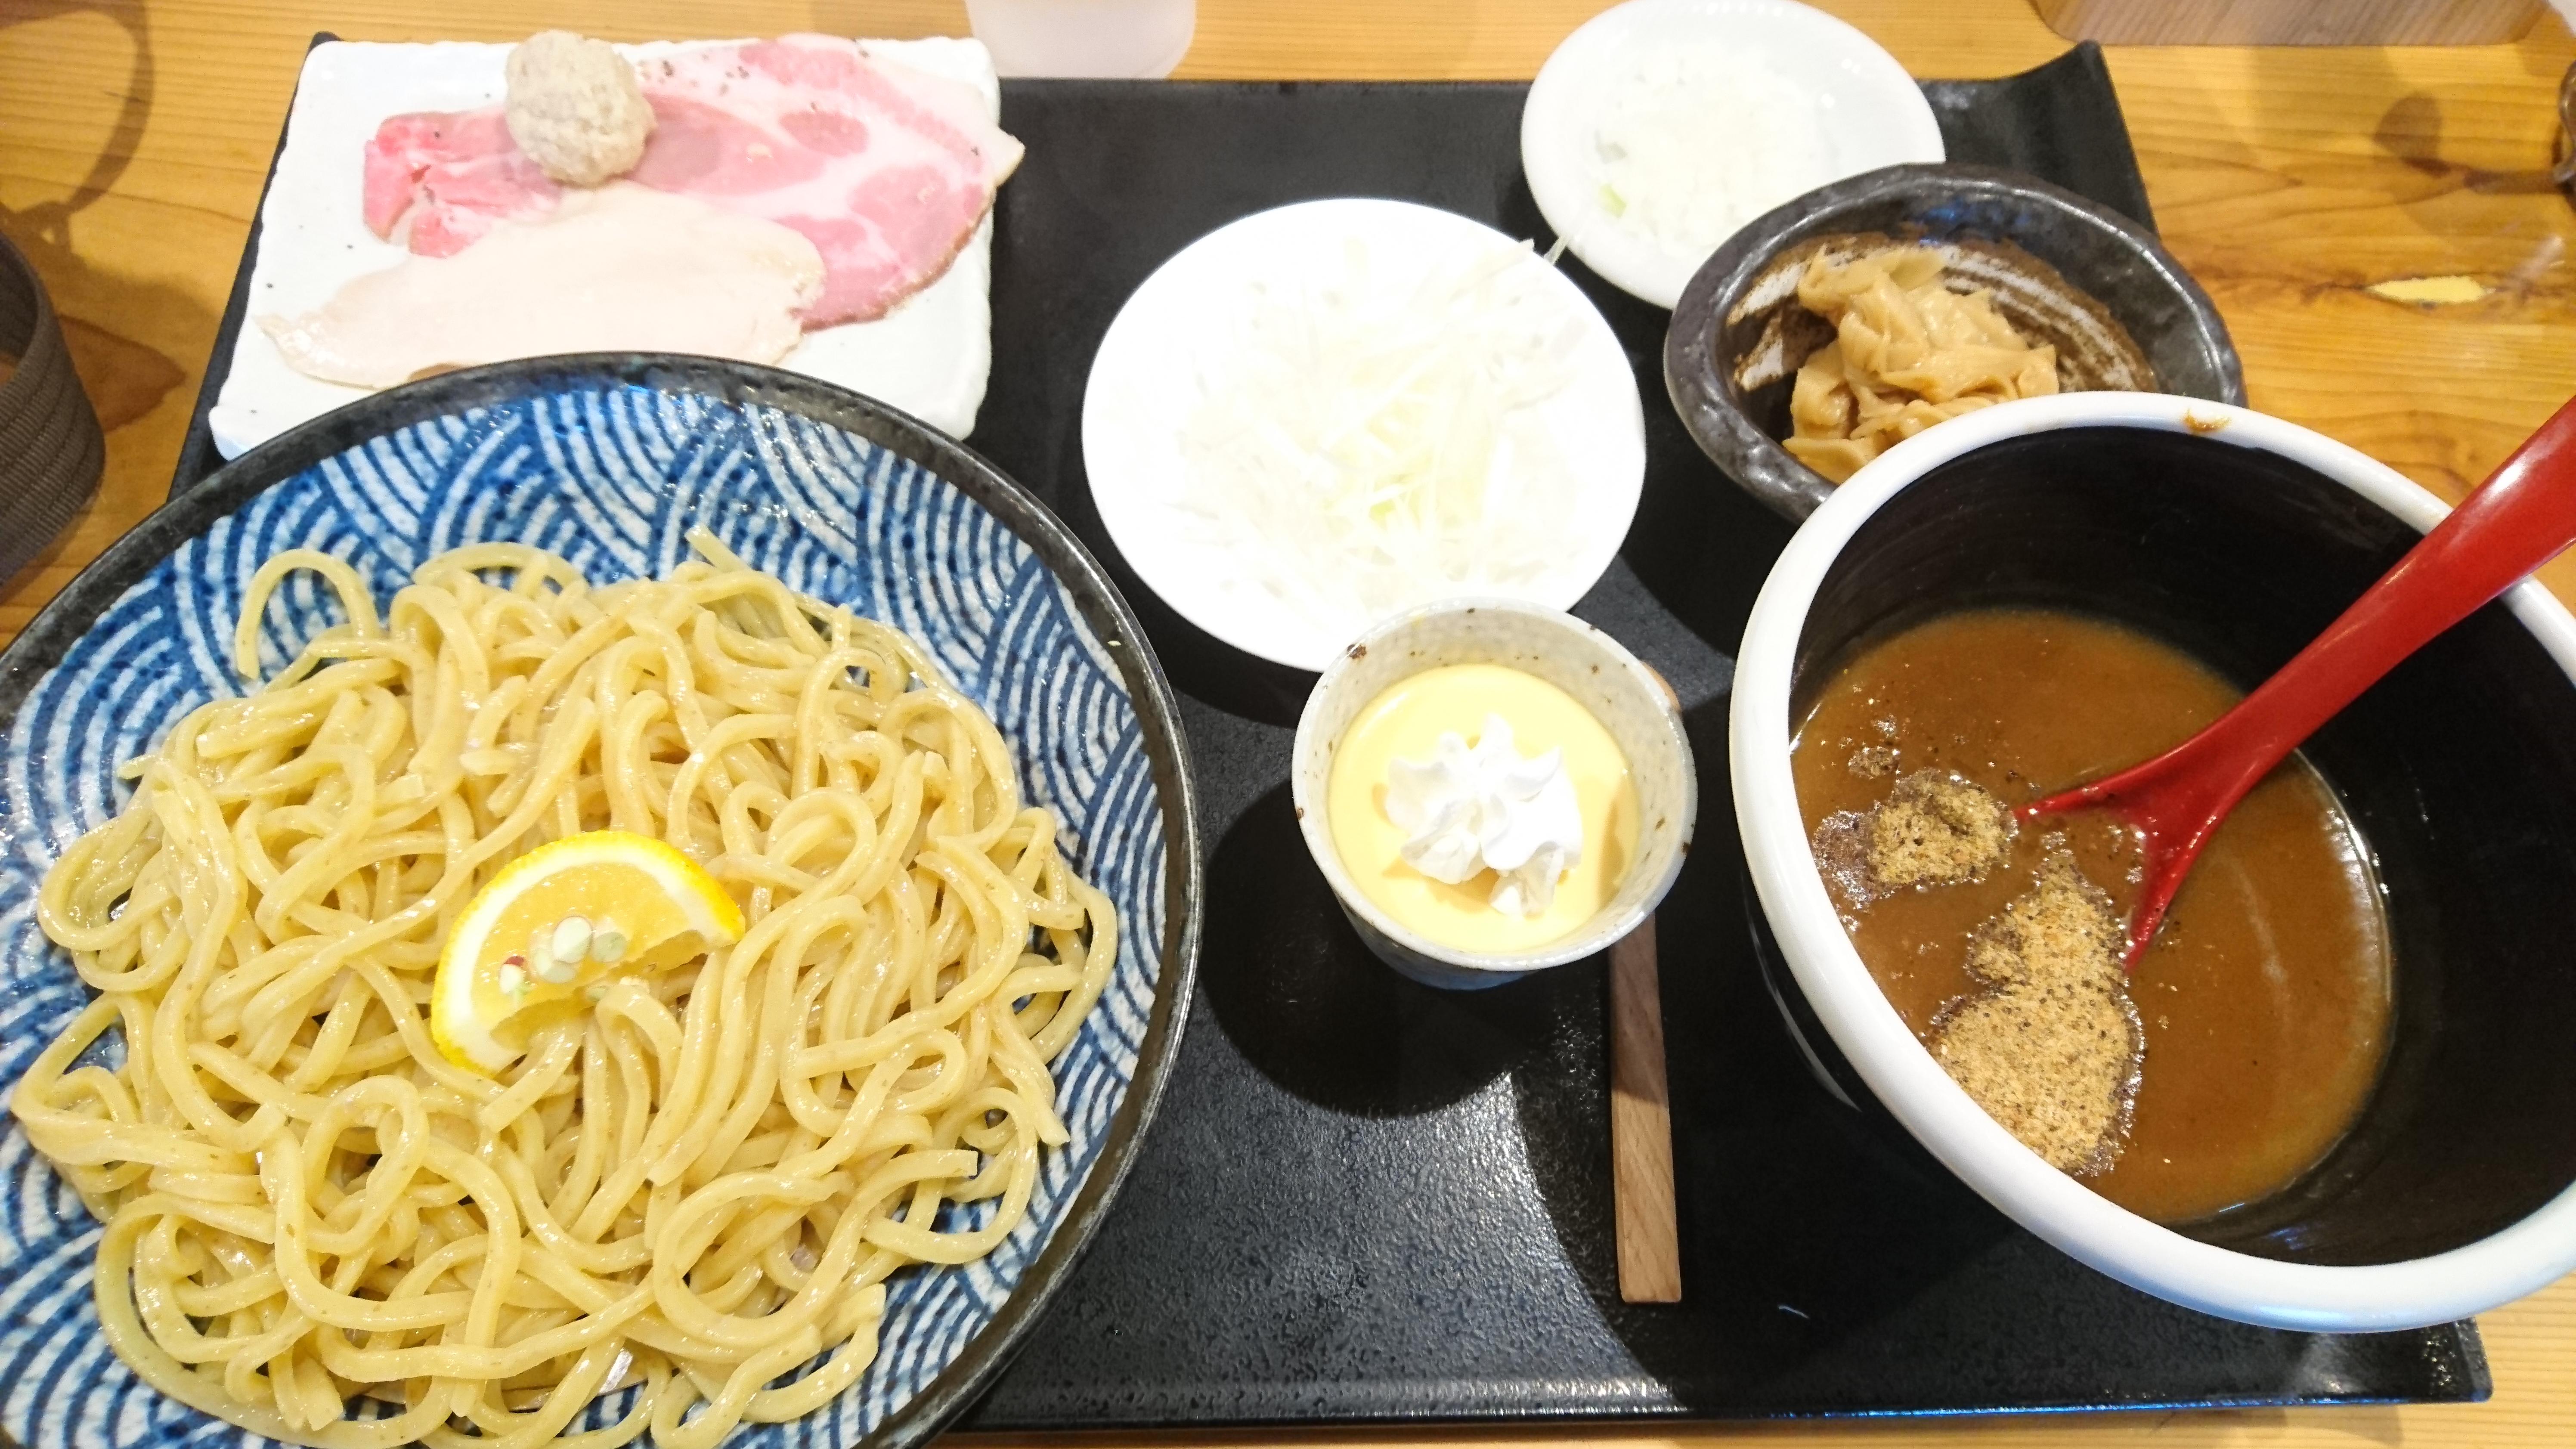 極太のつけ麺が魅力!大洲市にある「AJI10」(アジト)で「つけ麺」を食べてきました!